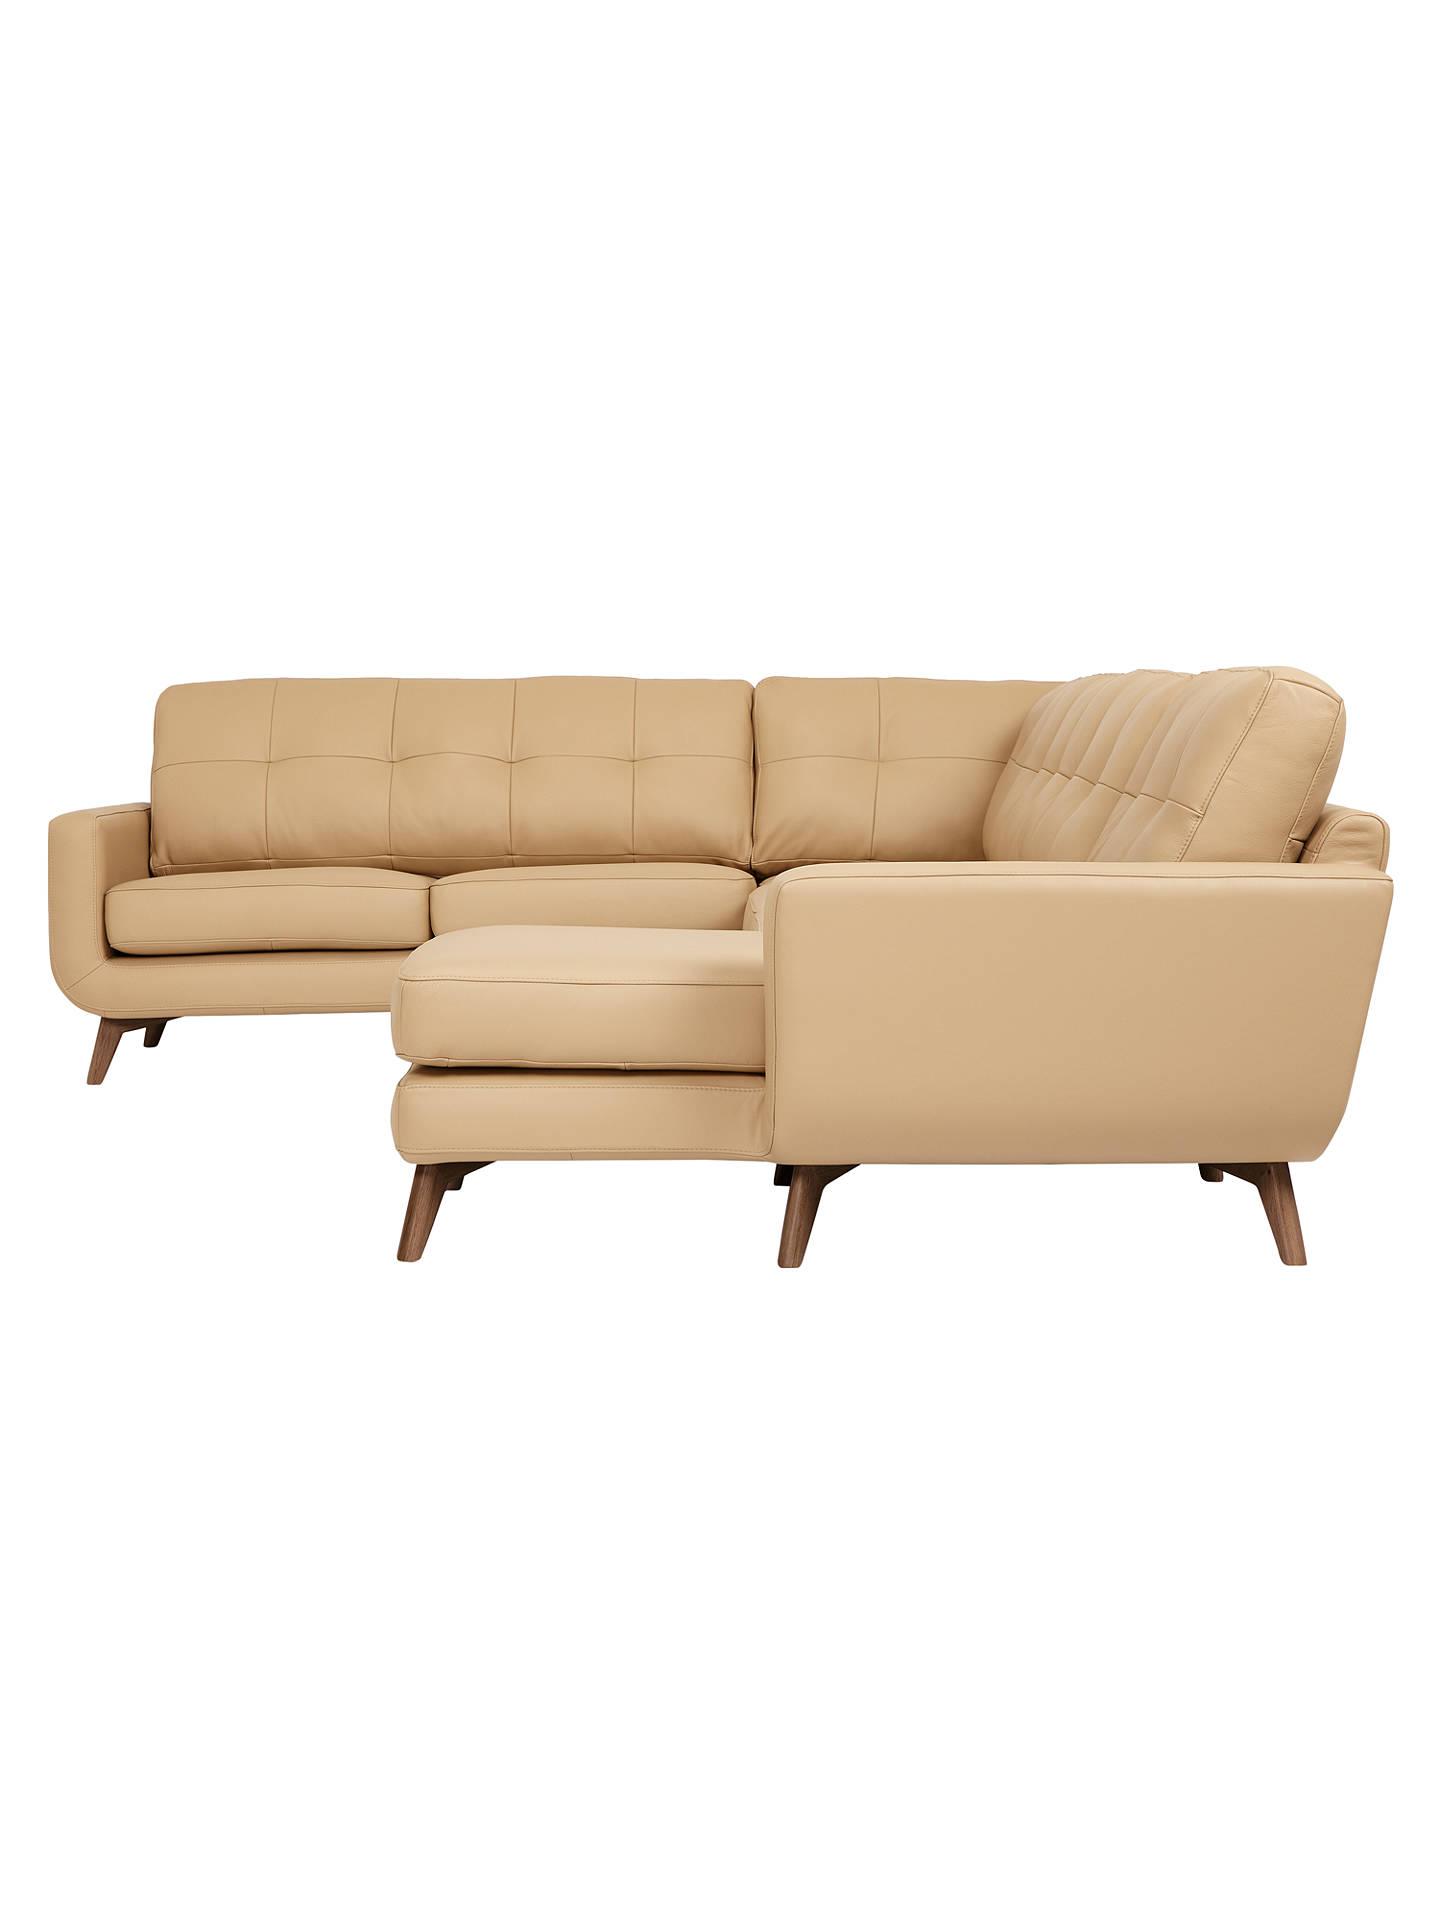 dd91f342f70 BuyJohn Lewis Barbican Semi-Aniline Leather Corner End Sofa with RHF Chaise  .